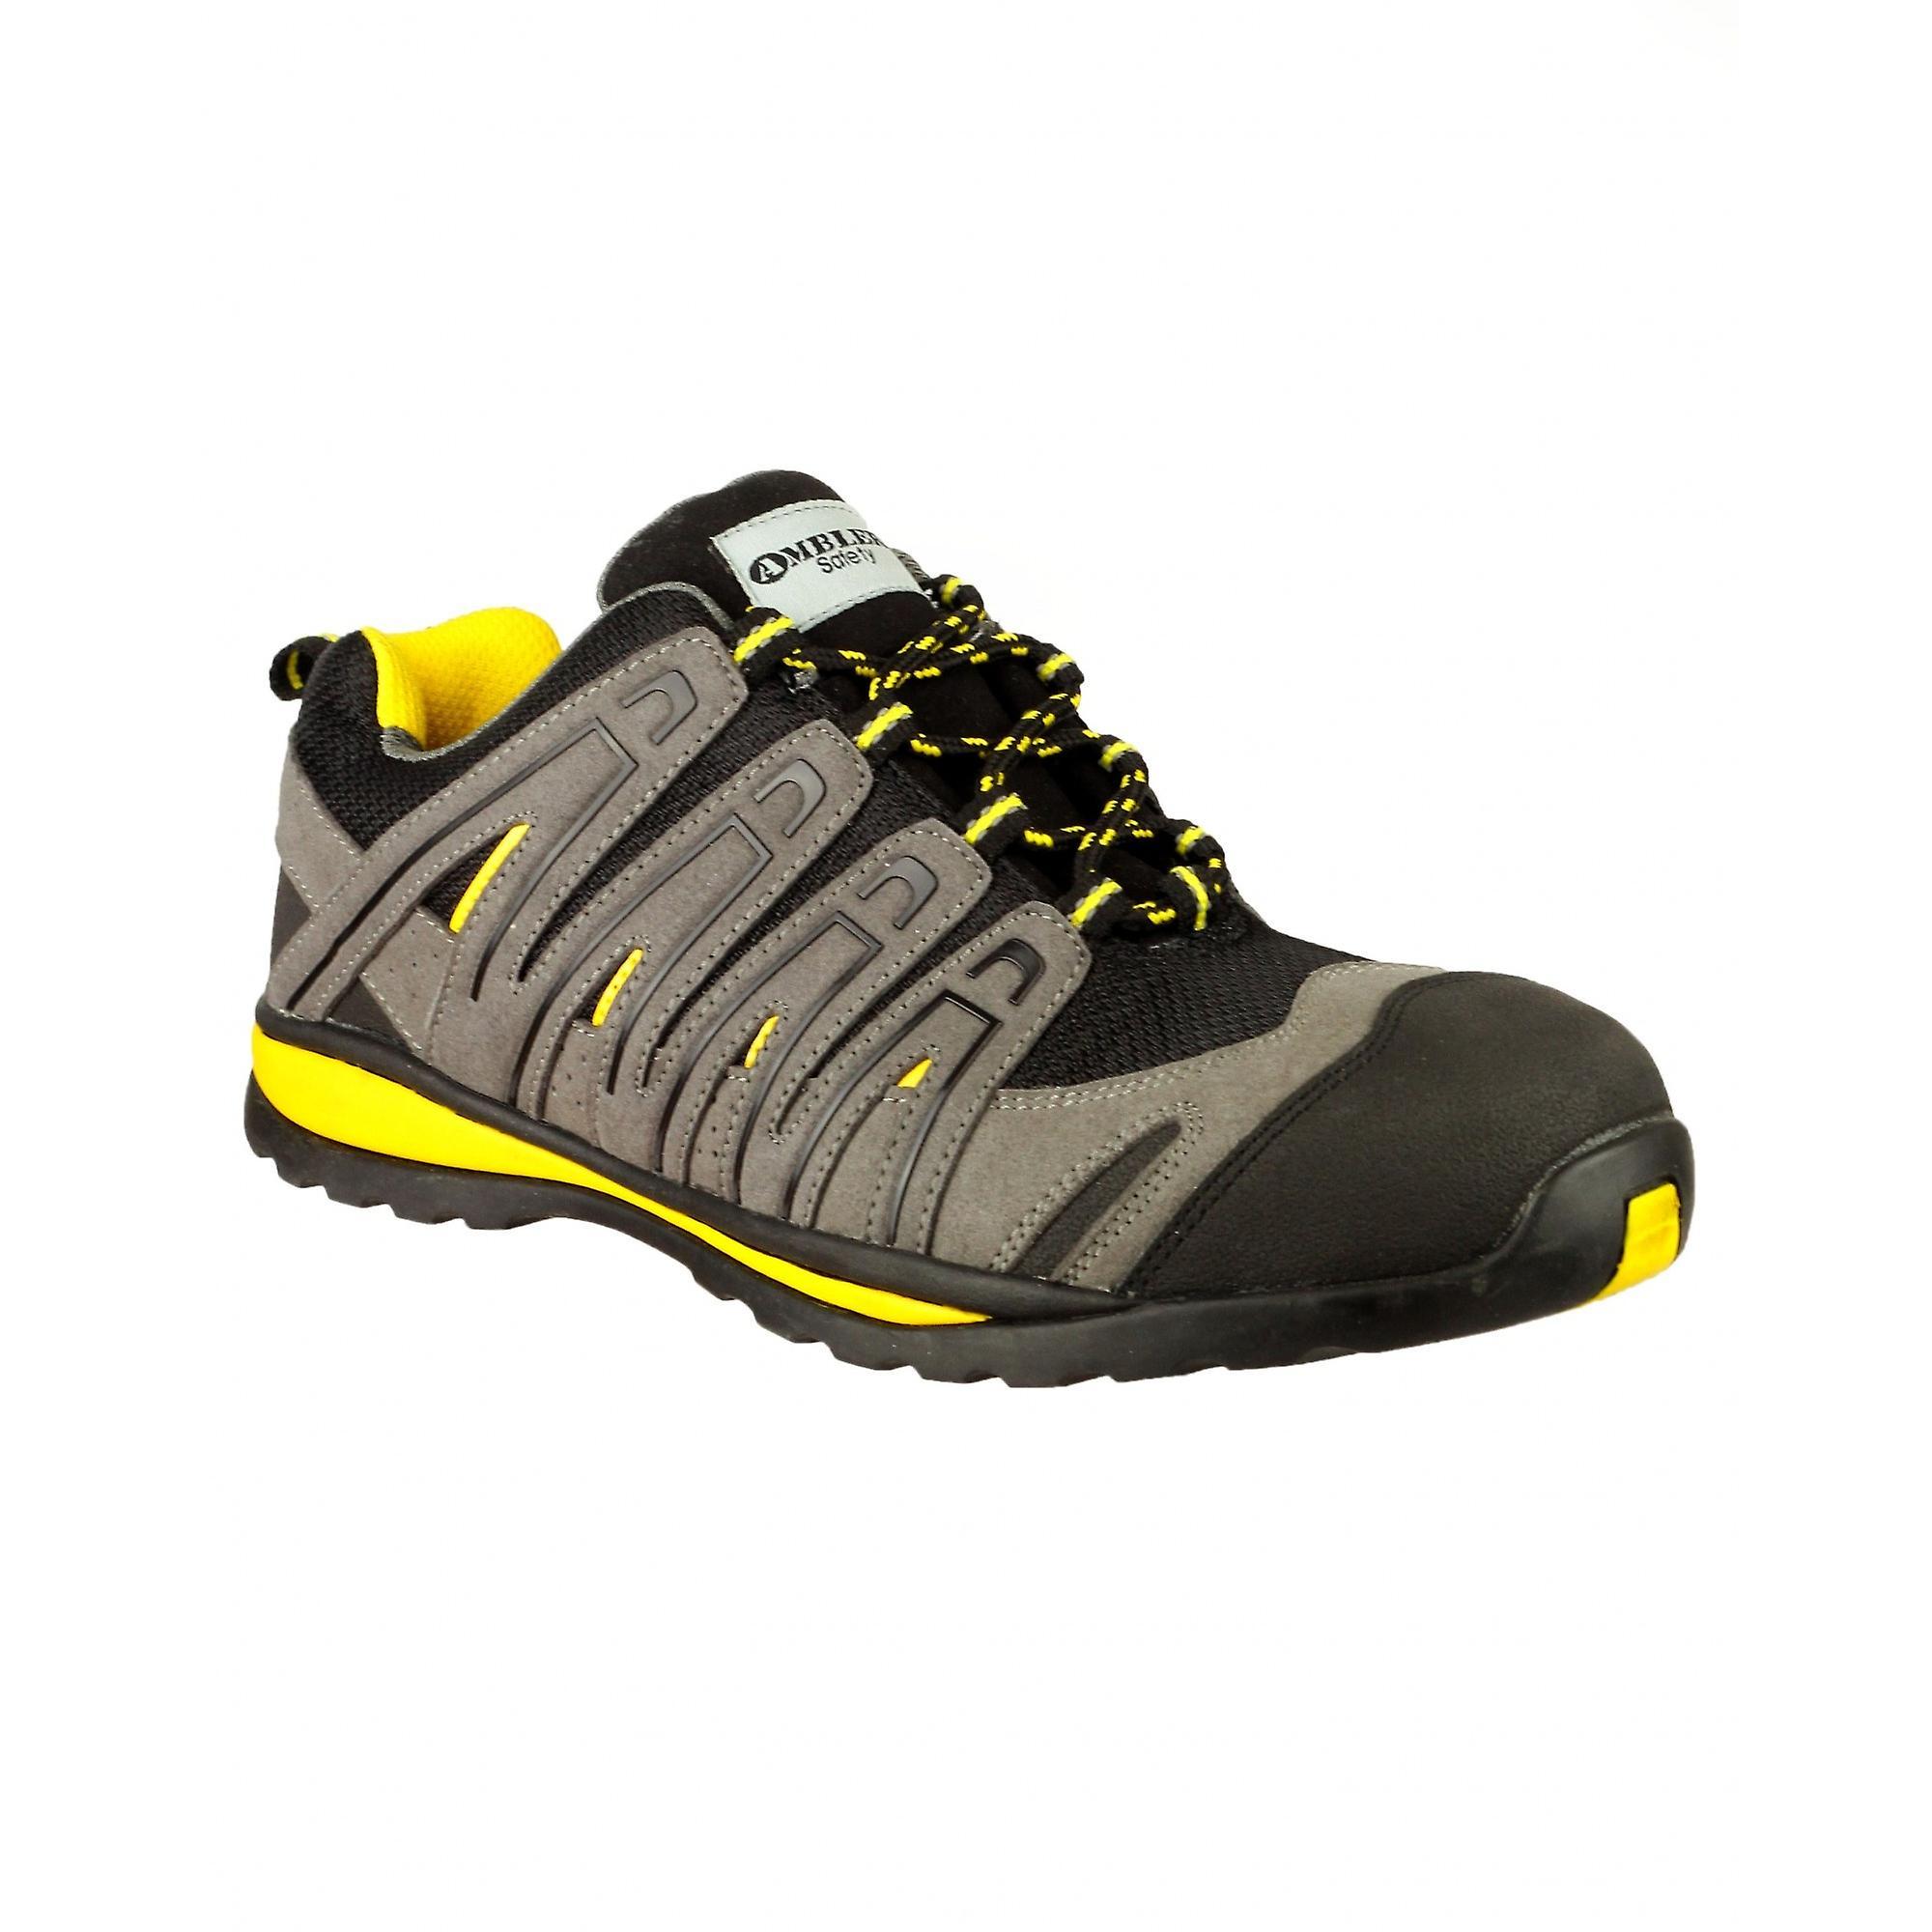 la sicurezza amblers amblers amblers fs42c formatore / mens scarpe | Liquidazione  | Scolaro/Signora Scarpa  385354